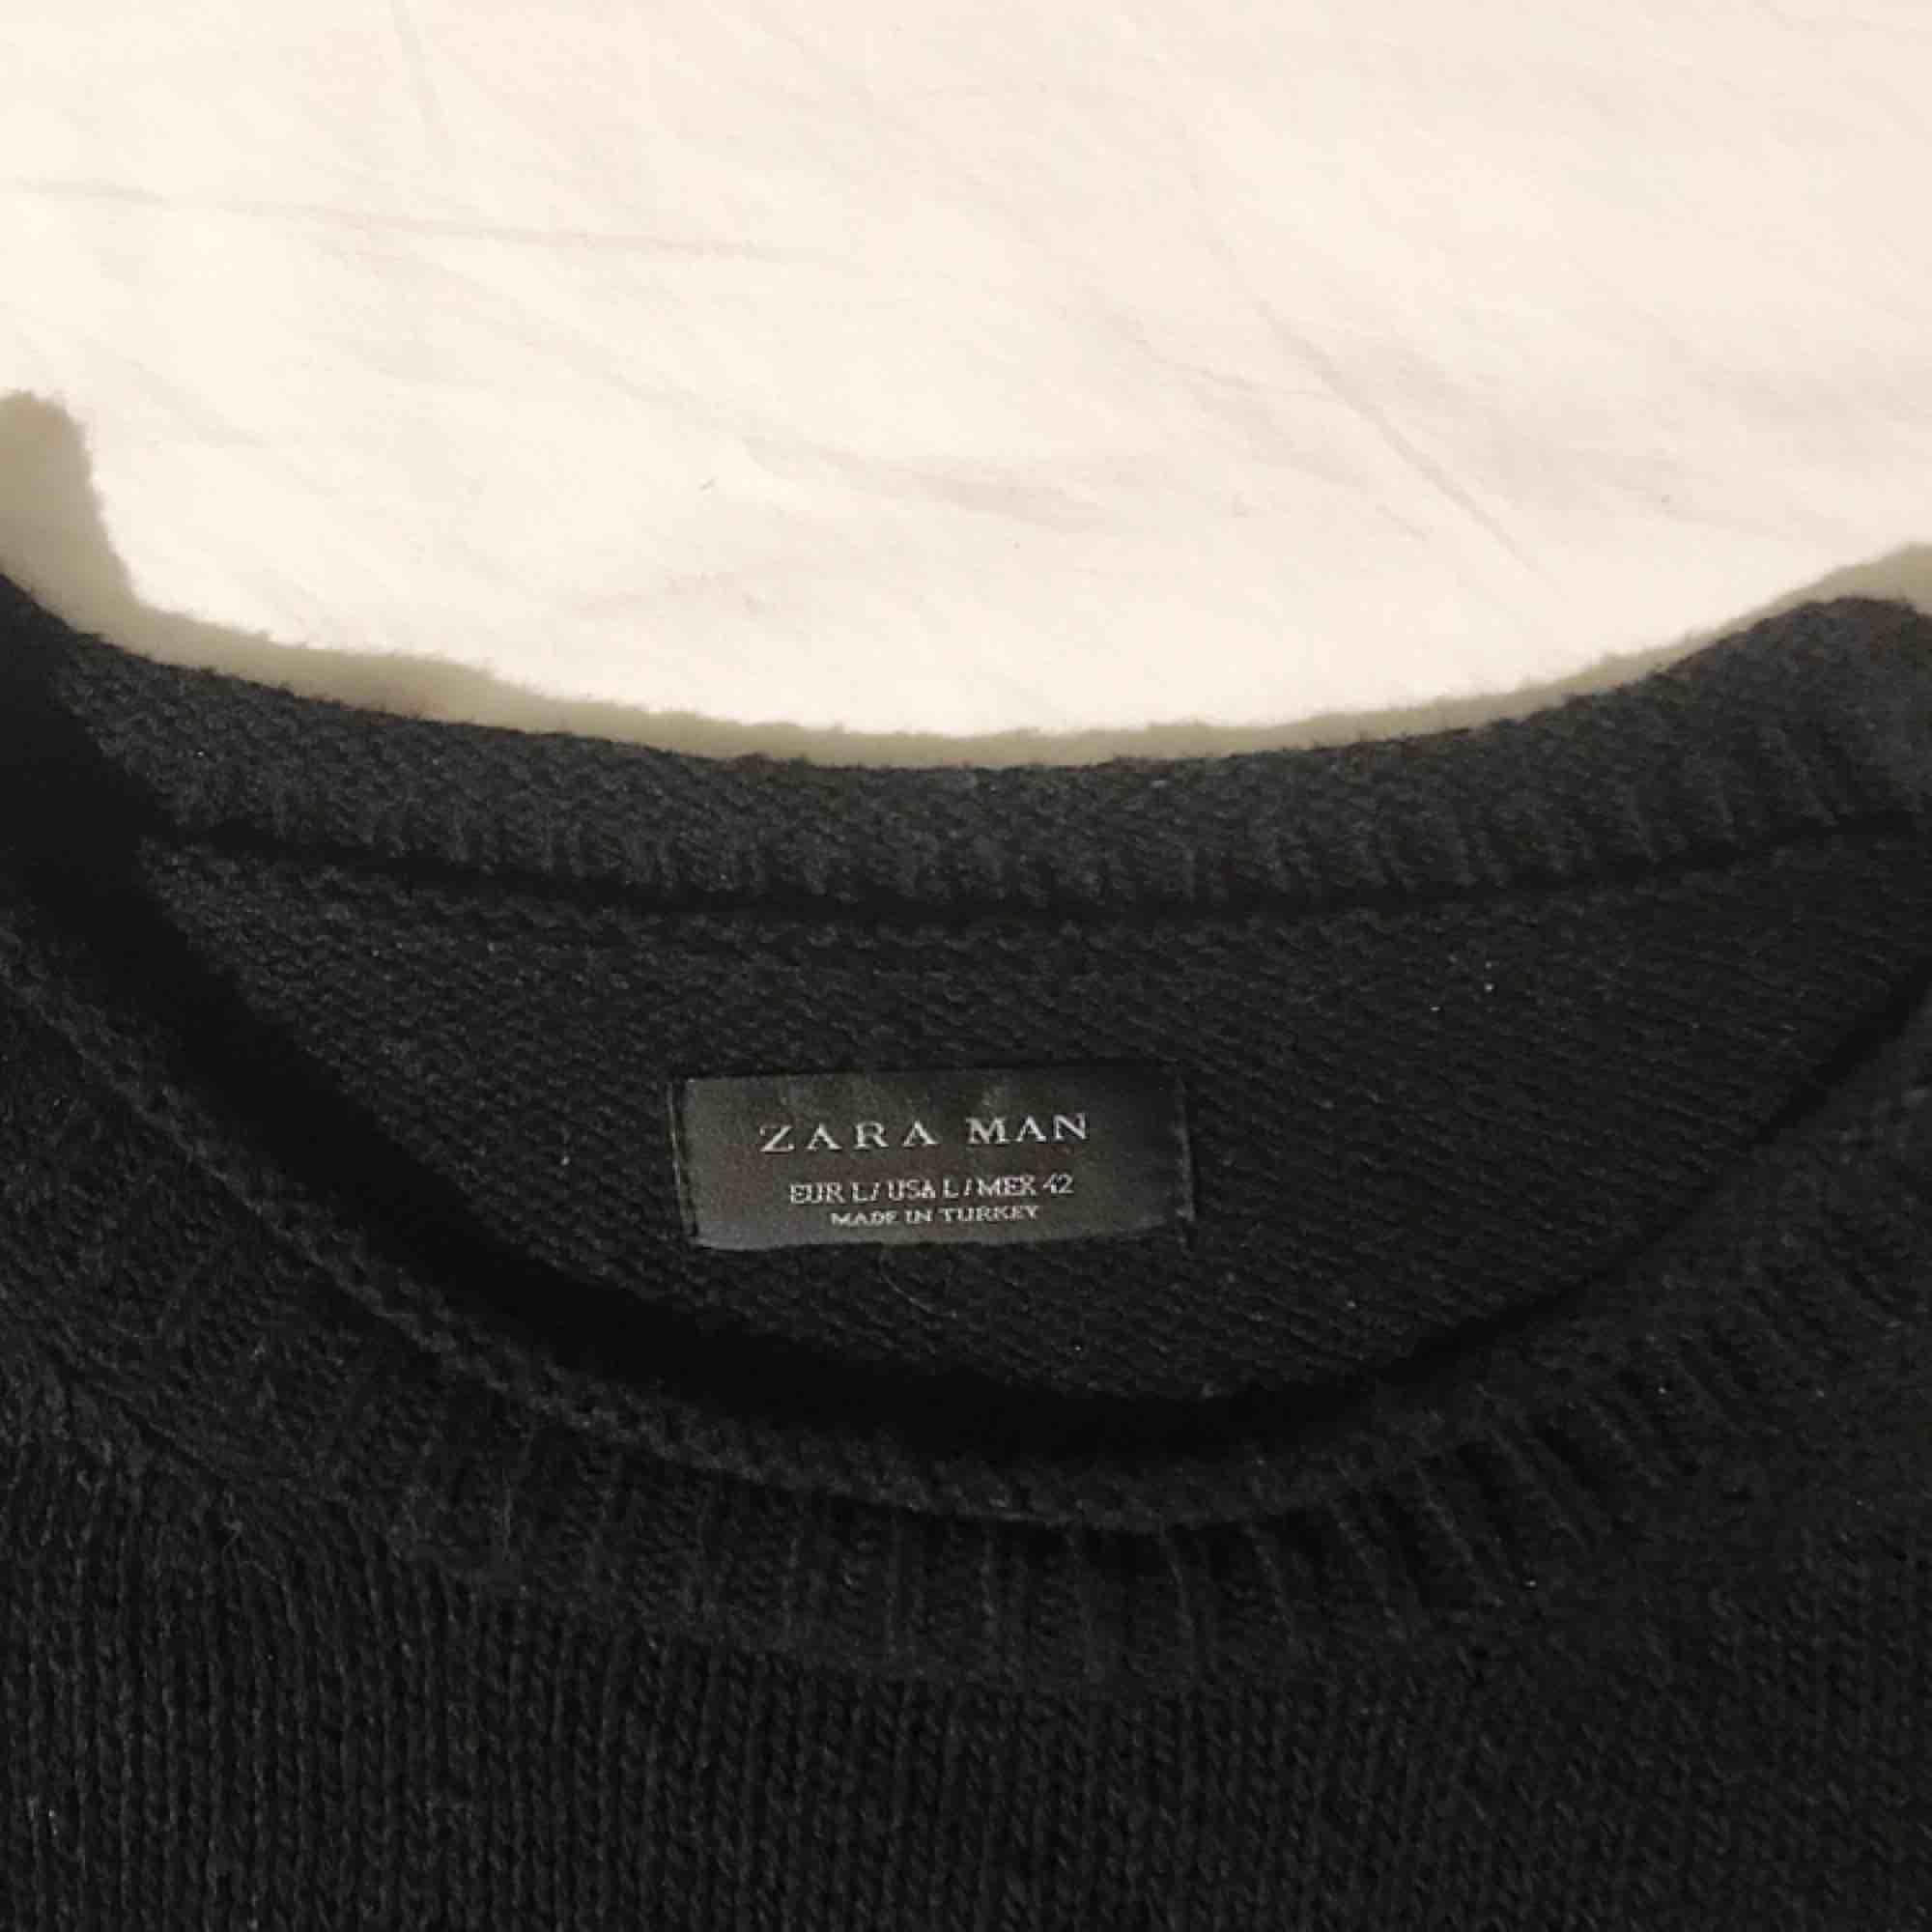 Tröja från Zara man i strl. L, går nog att använda som klänning om man är kort. Frakt tillkommer . Tröjor & Koftor.